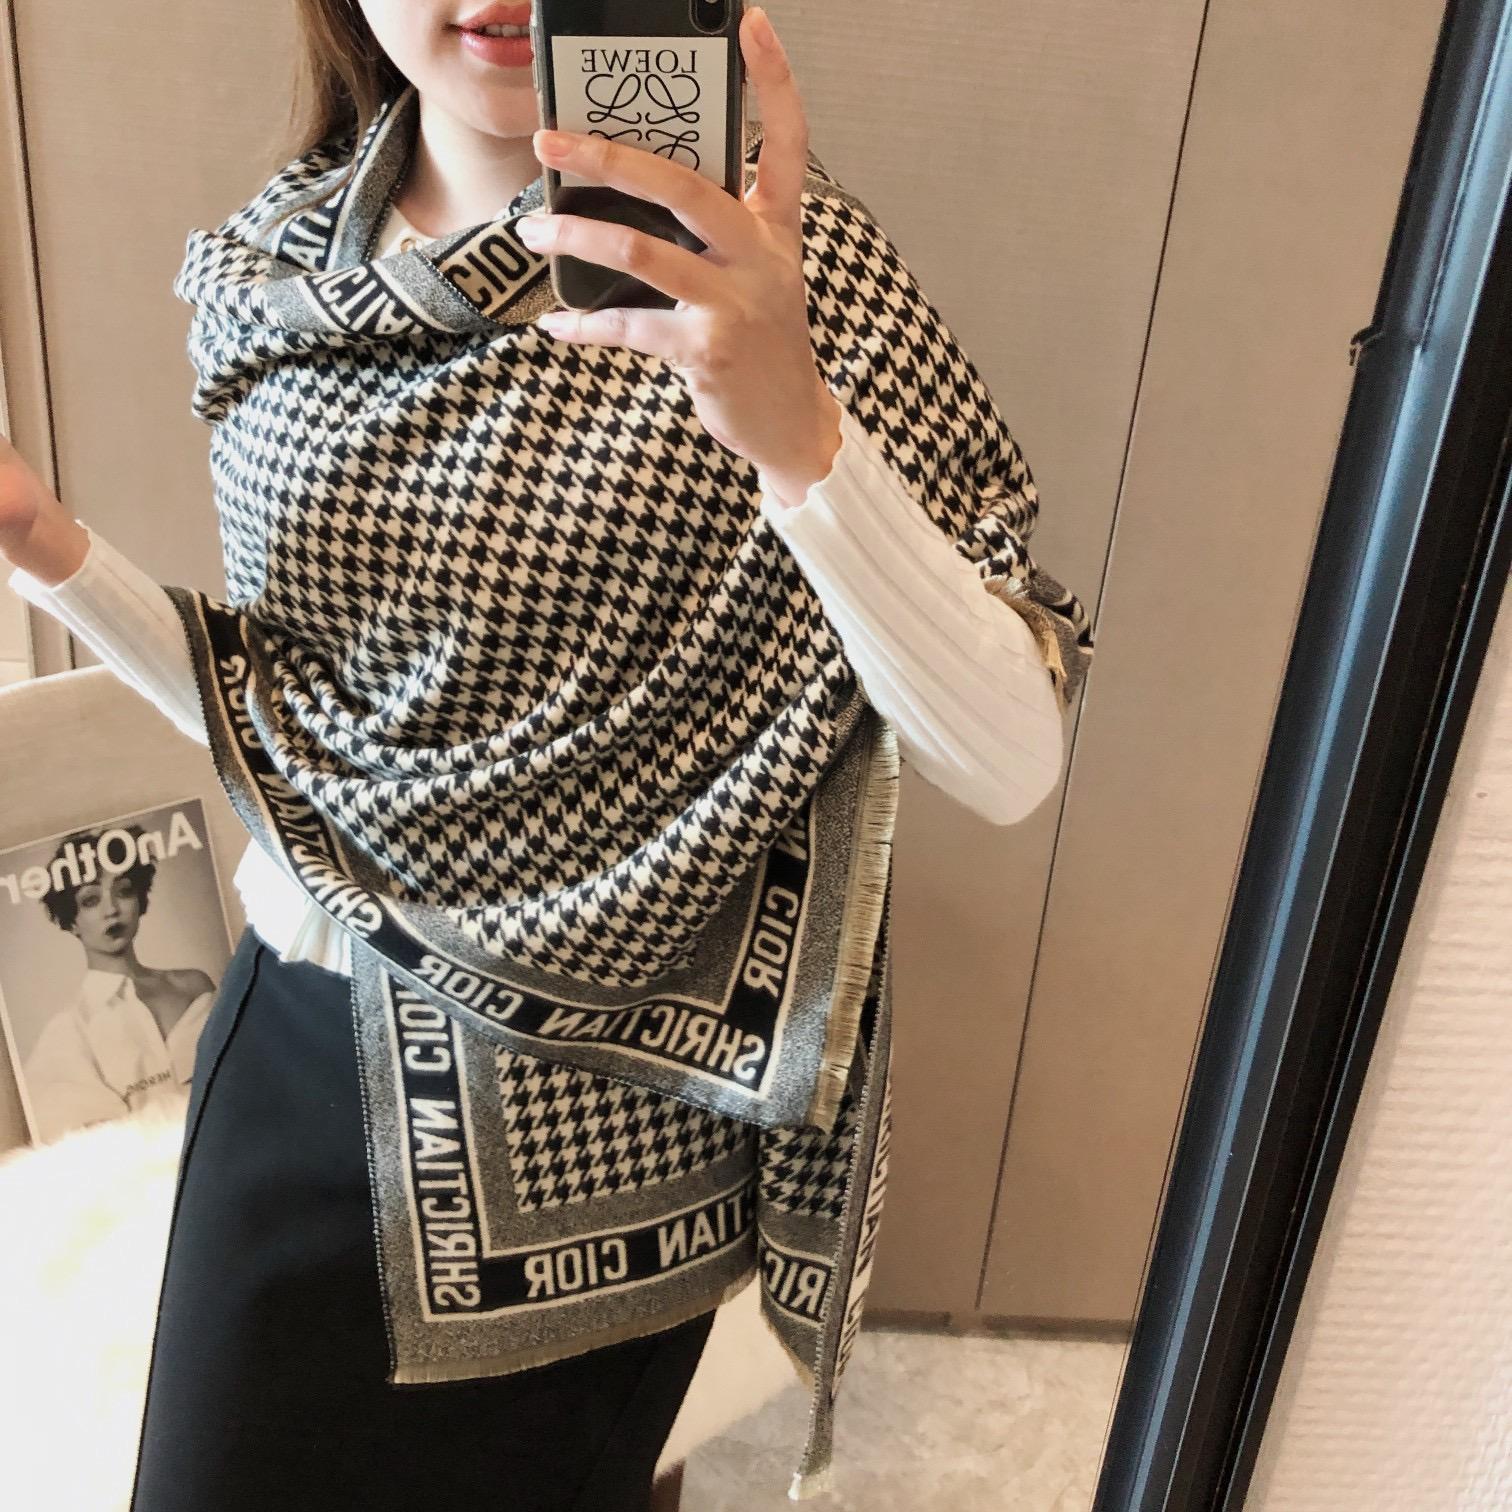 6089佳之艺冬季围巾jzy0201